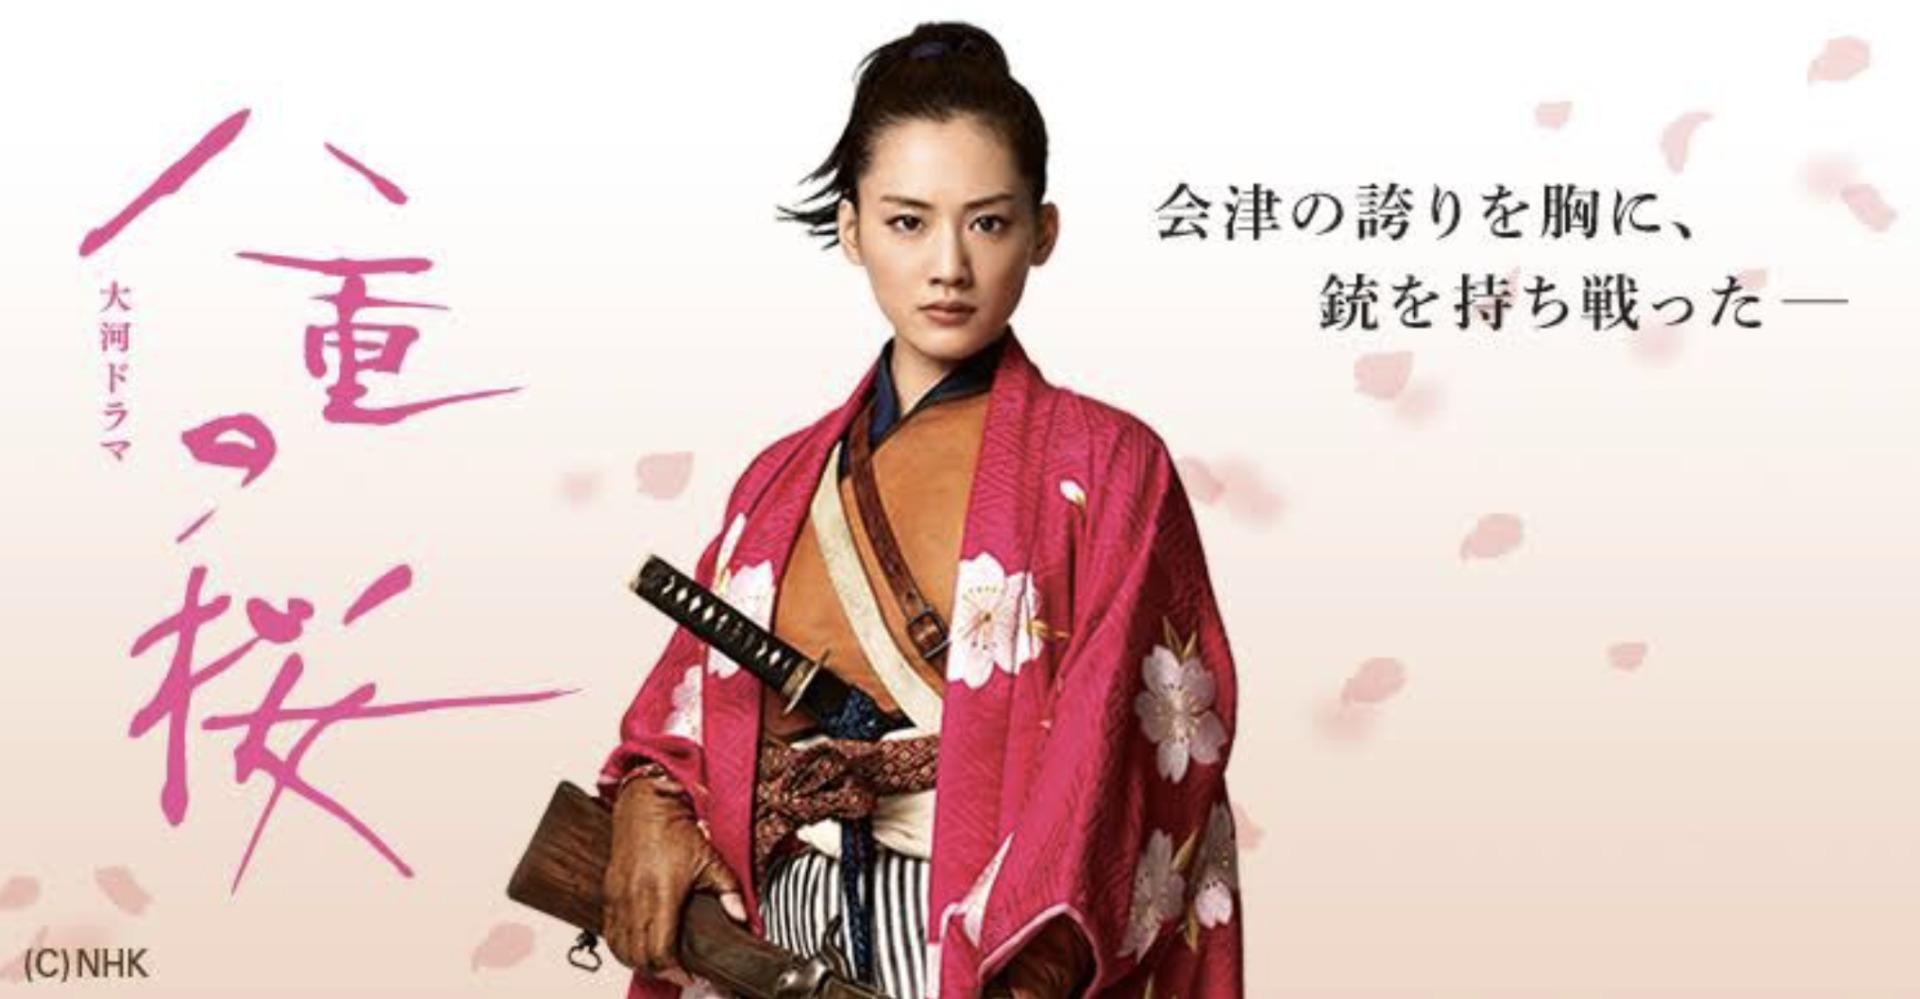 大河ドラマ『八重の桜』